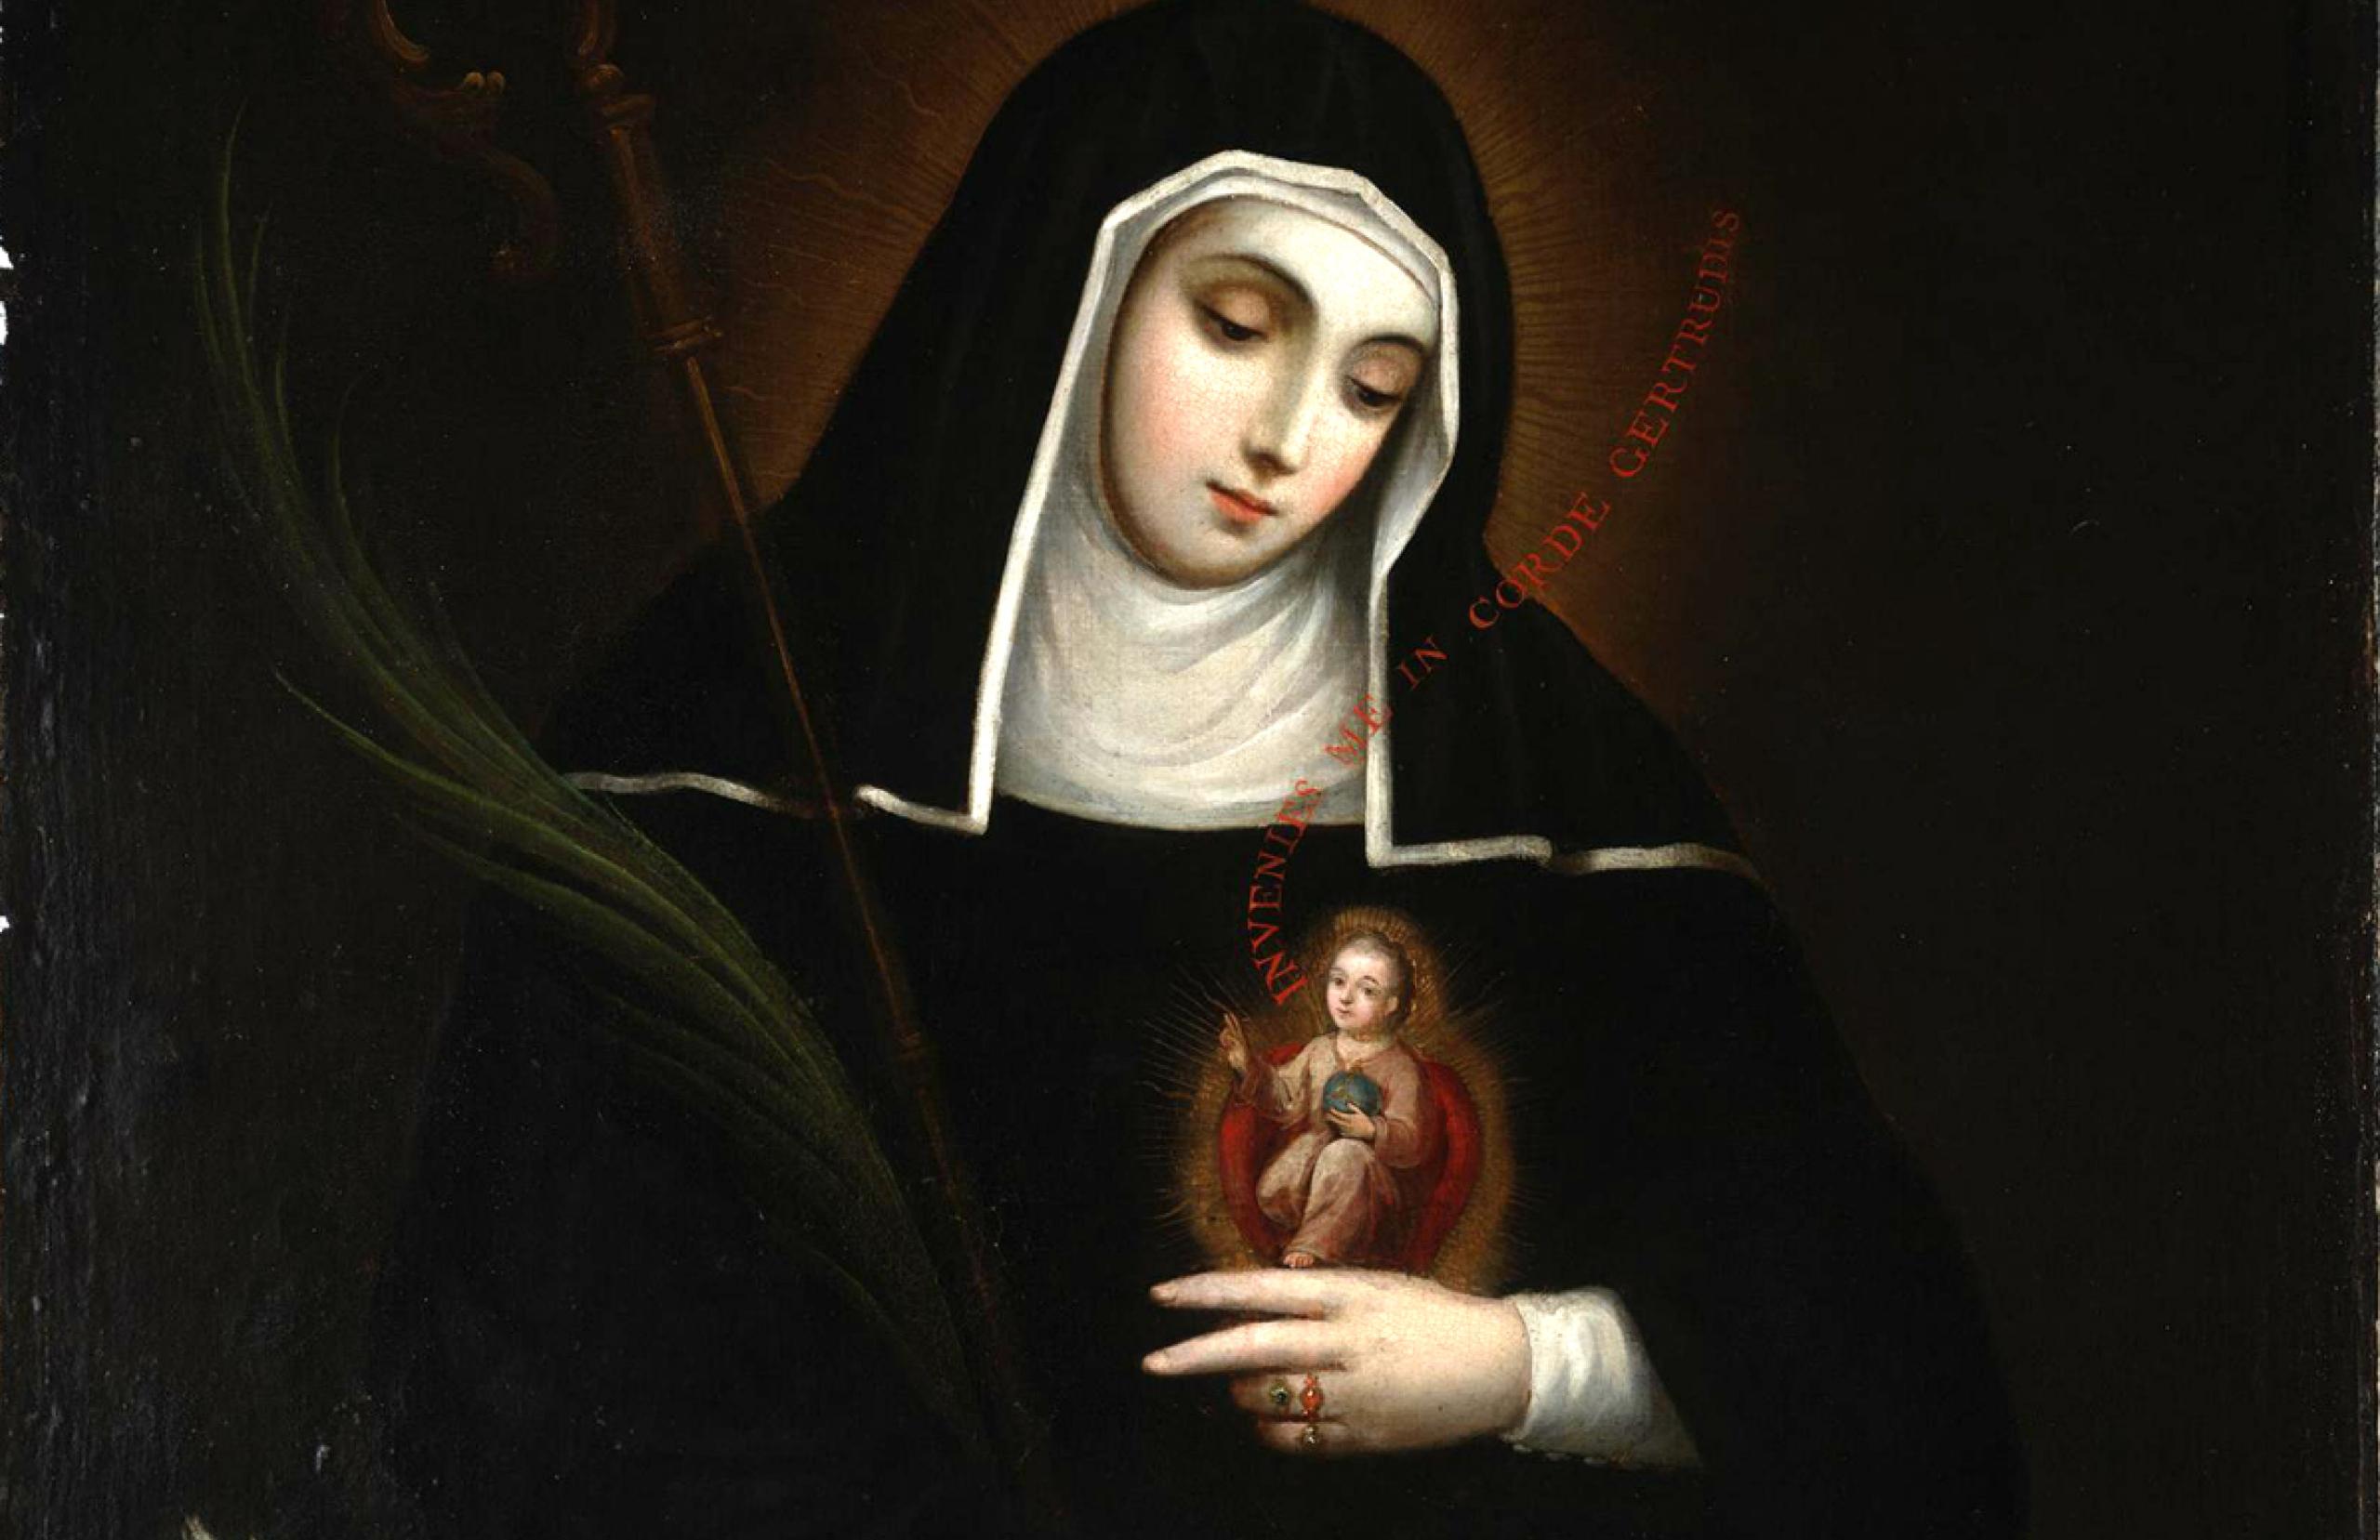 Saint Gertrude by Miguel Cabrera